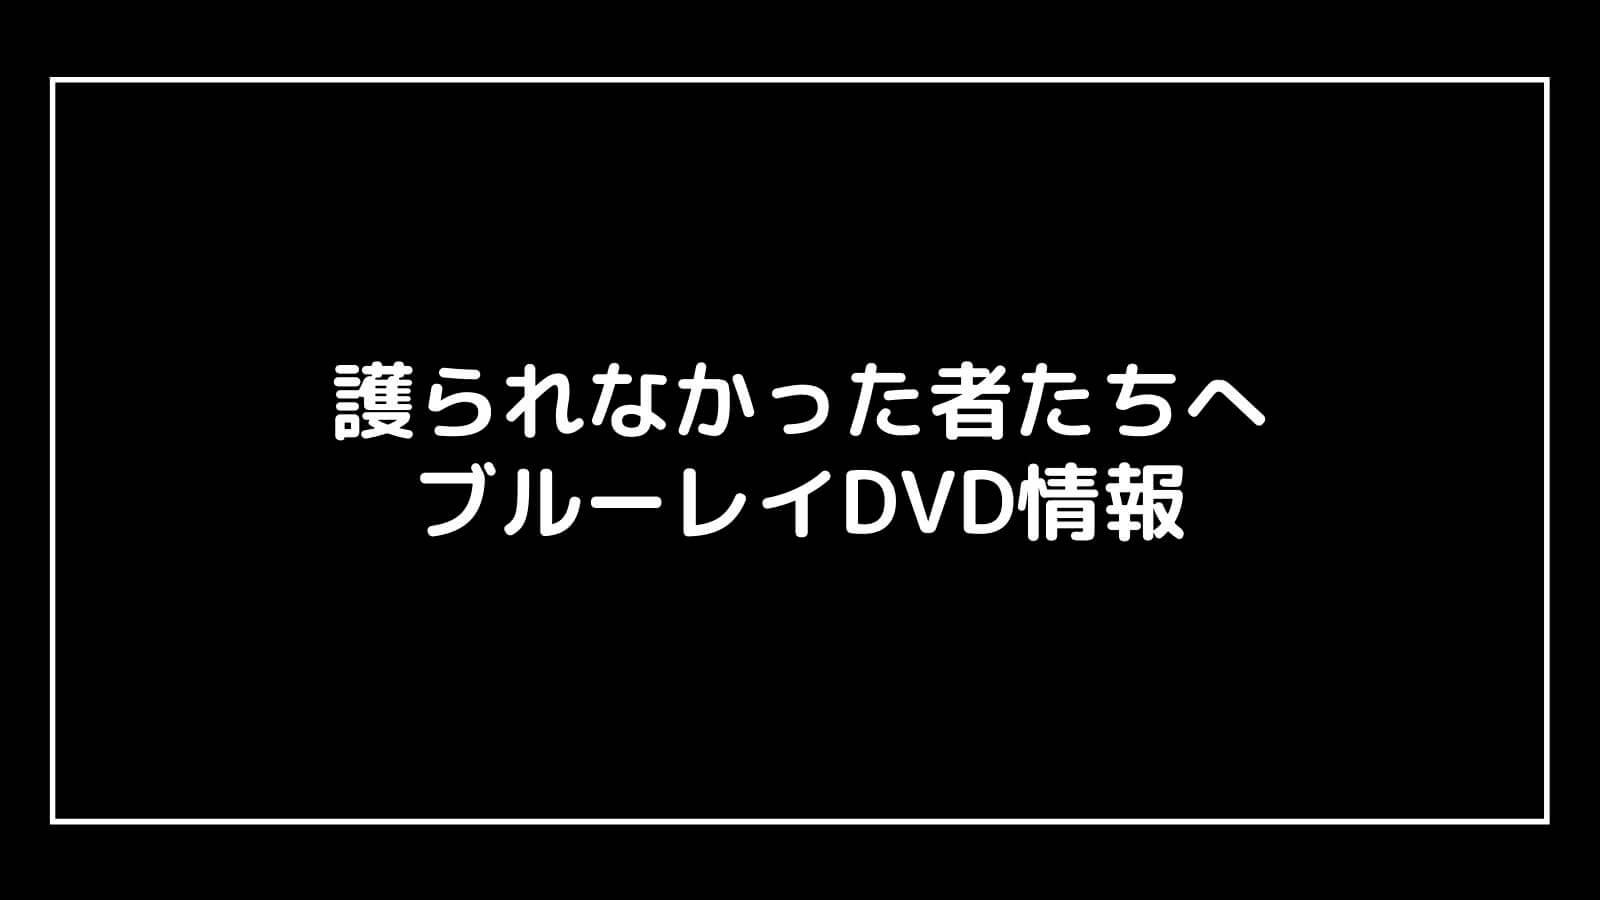 映画『護られなかった者たちへ』のDVD発売日と予約開始日はいつから?円盤情報まとめ